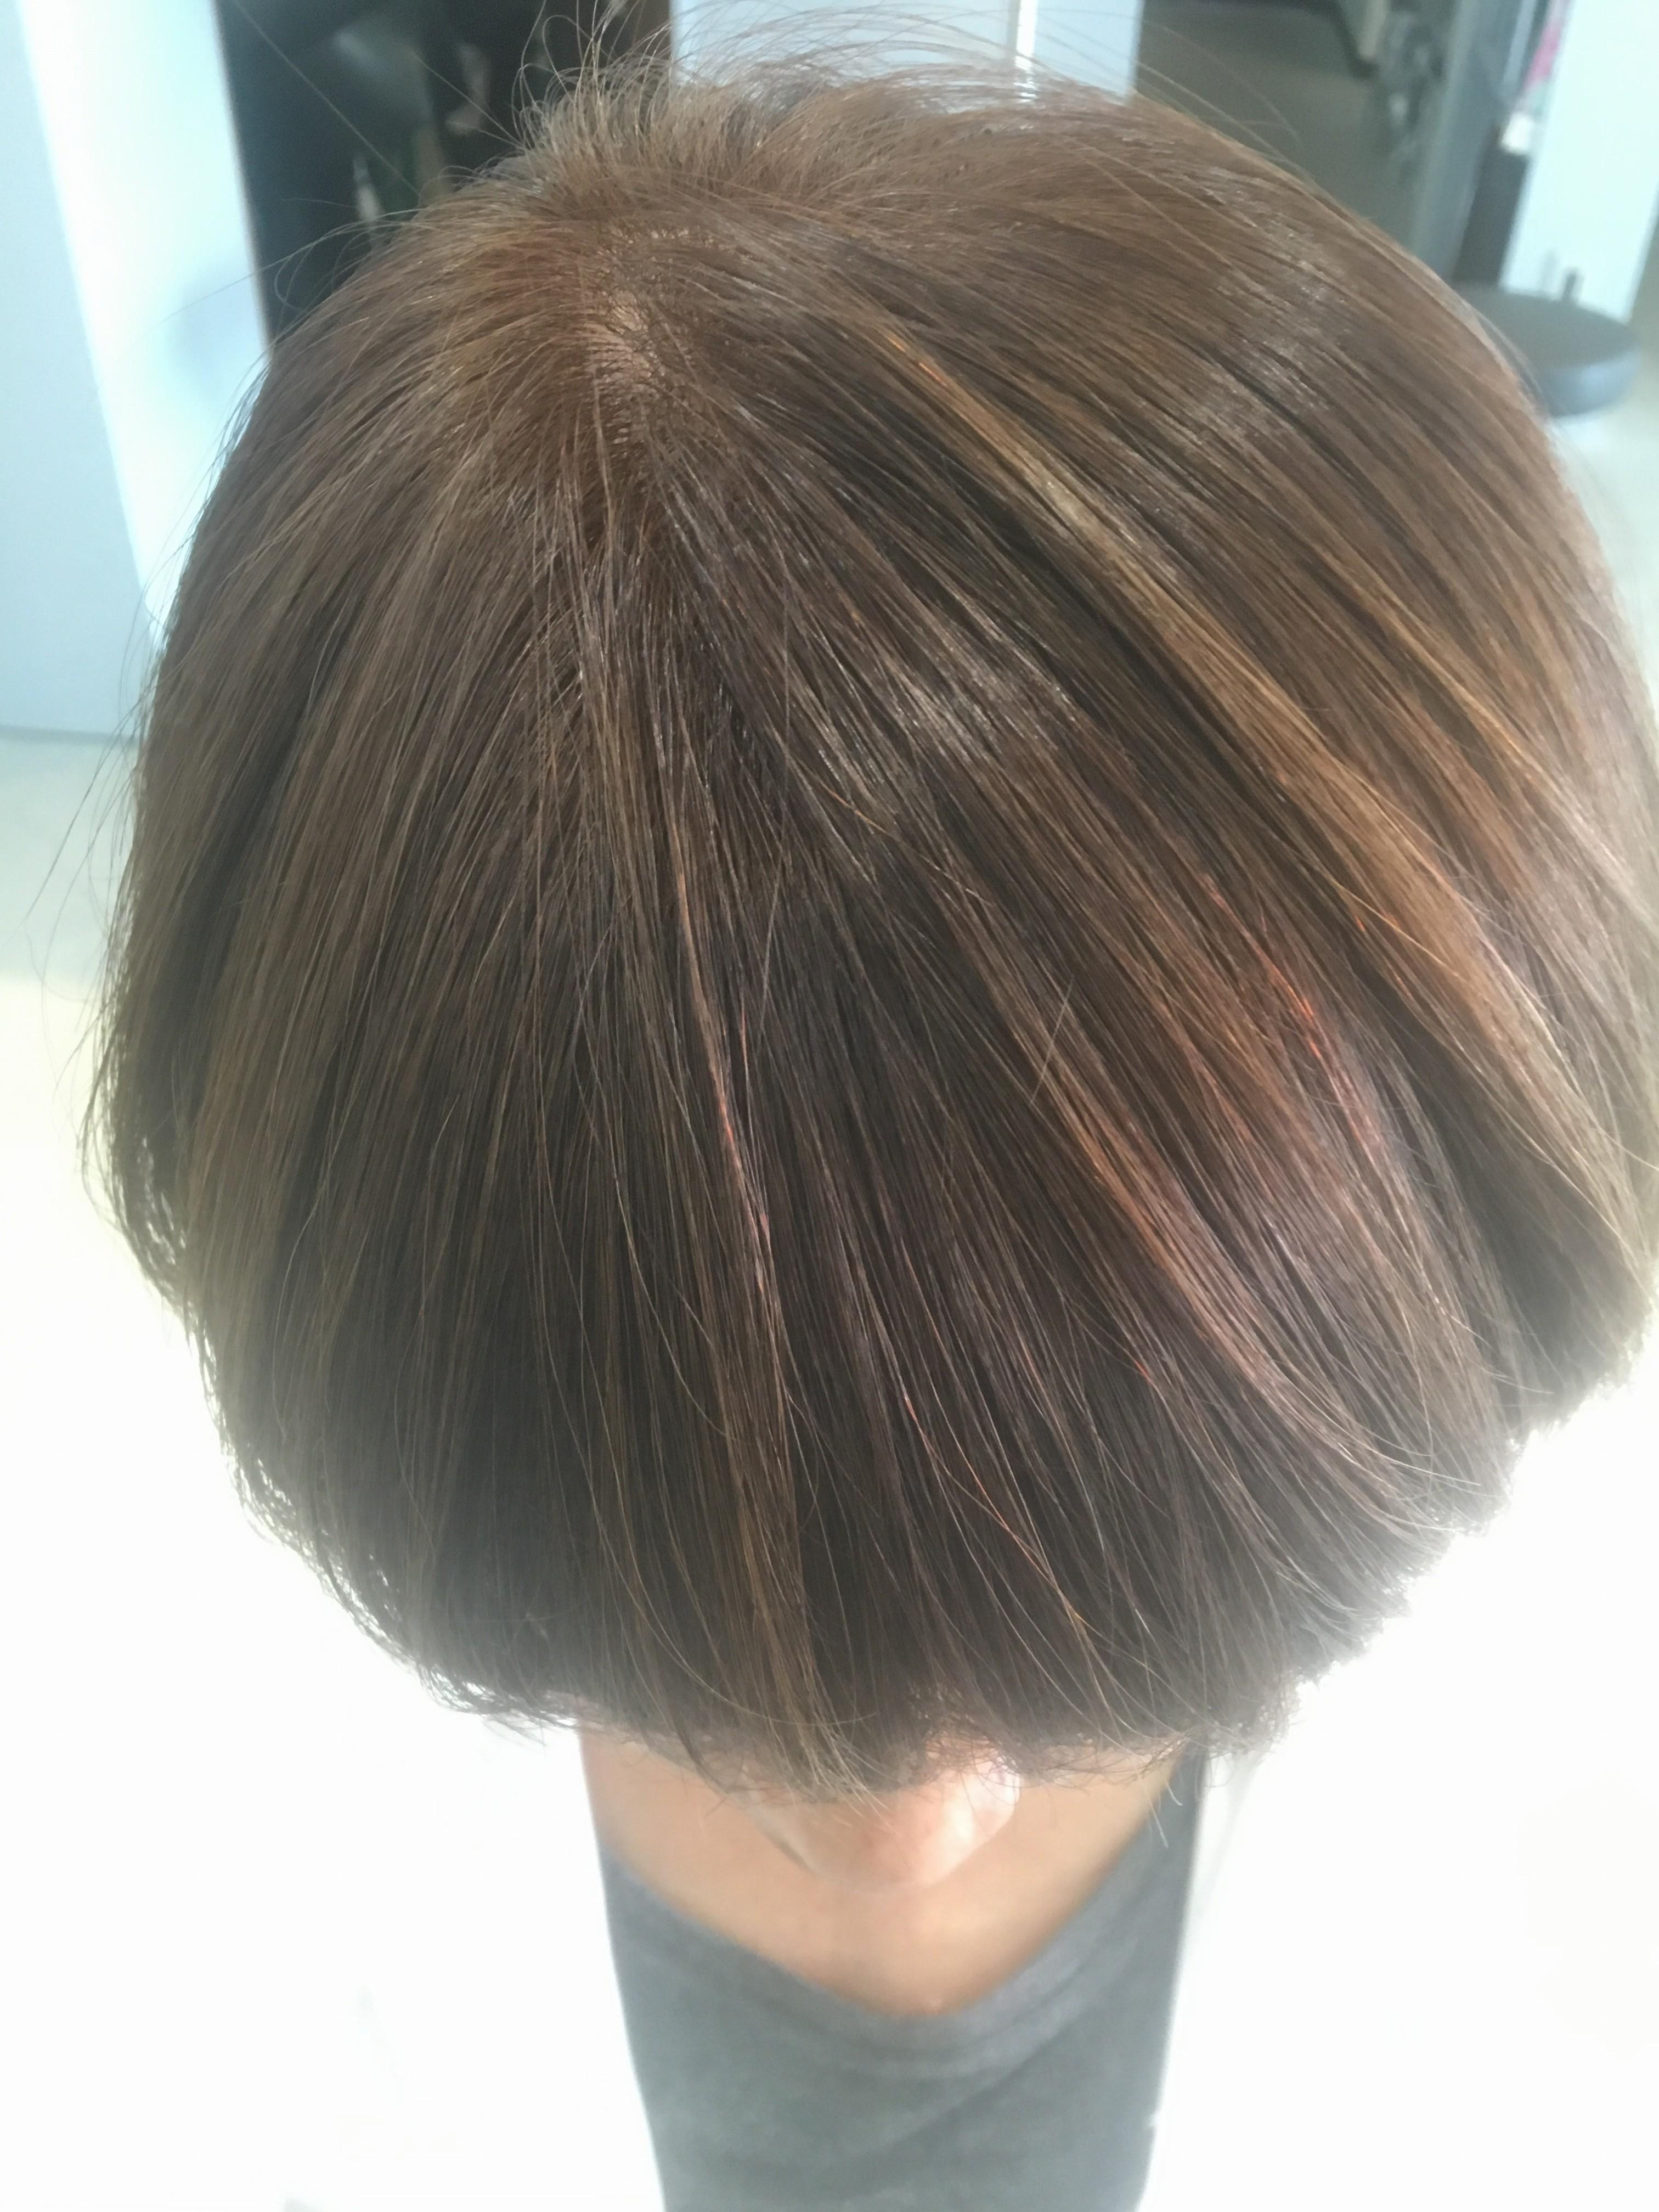 日立 日立市 美容室 美容院 ヘアサロン まる マル maru. ヘアカラー カラーリング 白髪染め